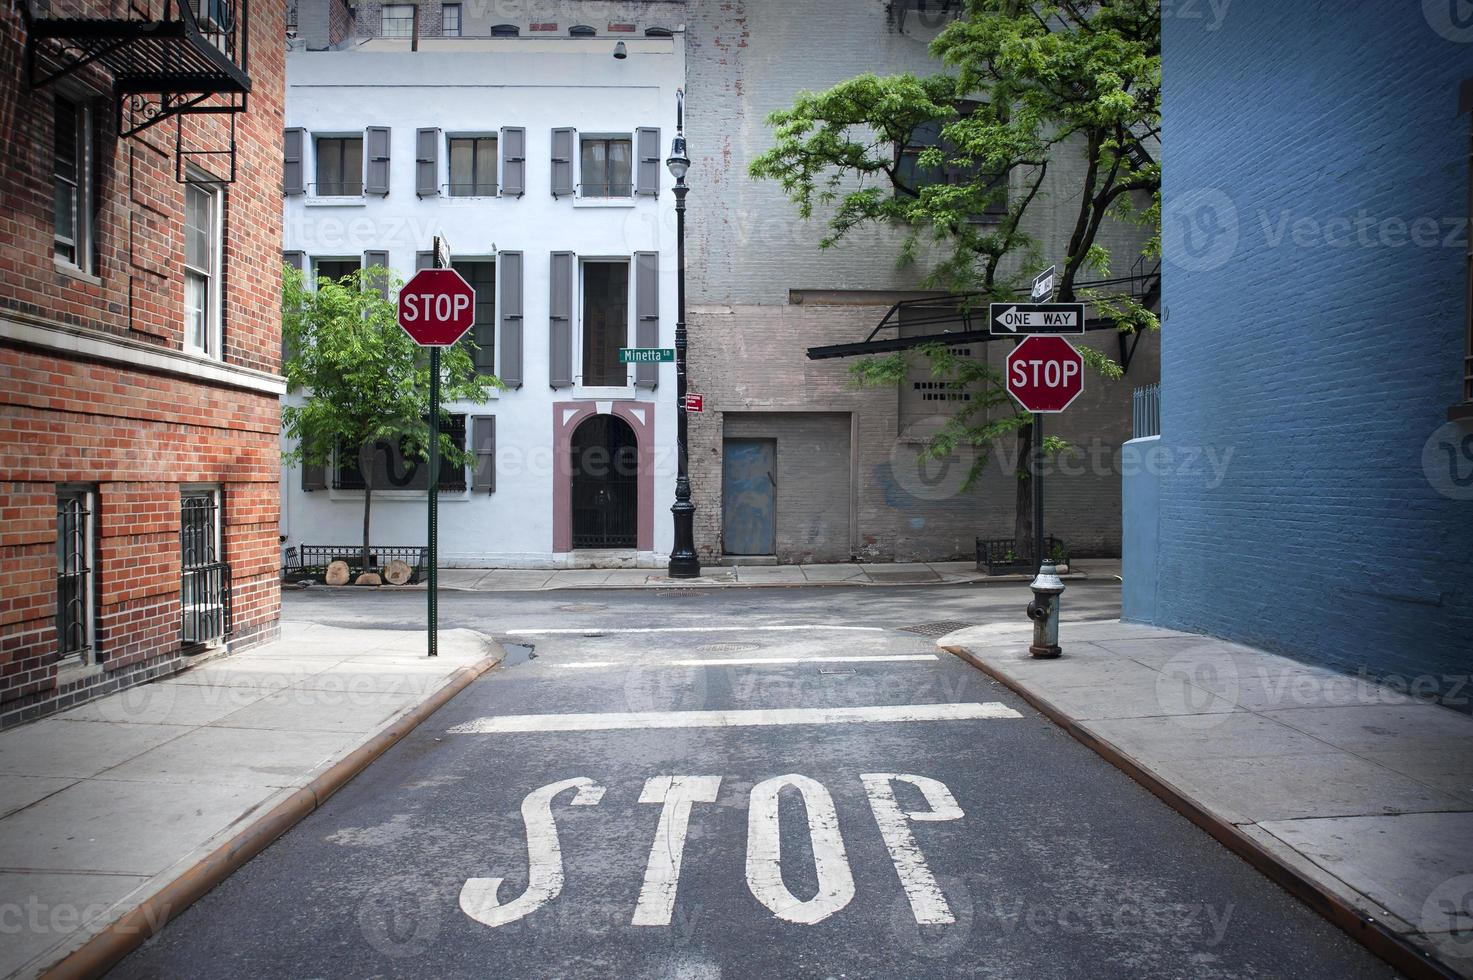 stopbord geschilderd op de weg foto